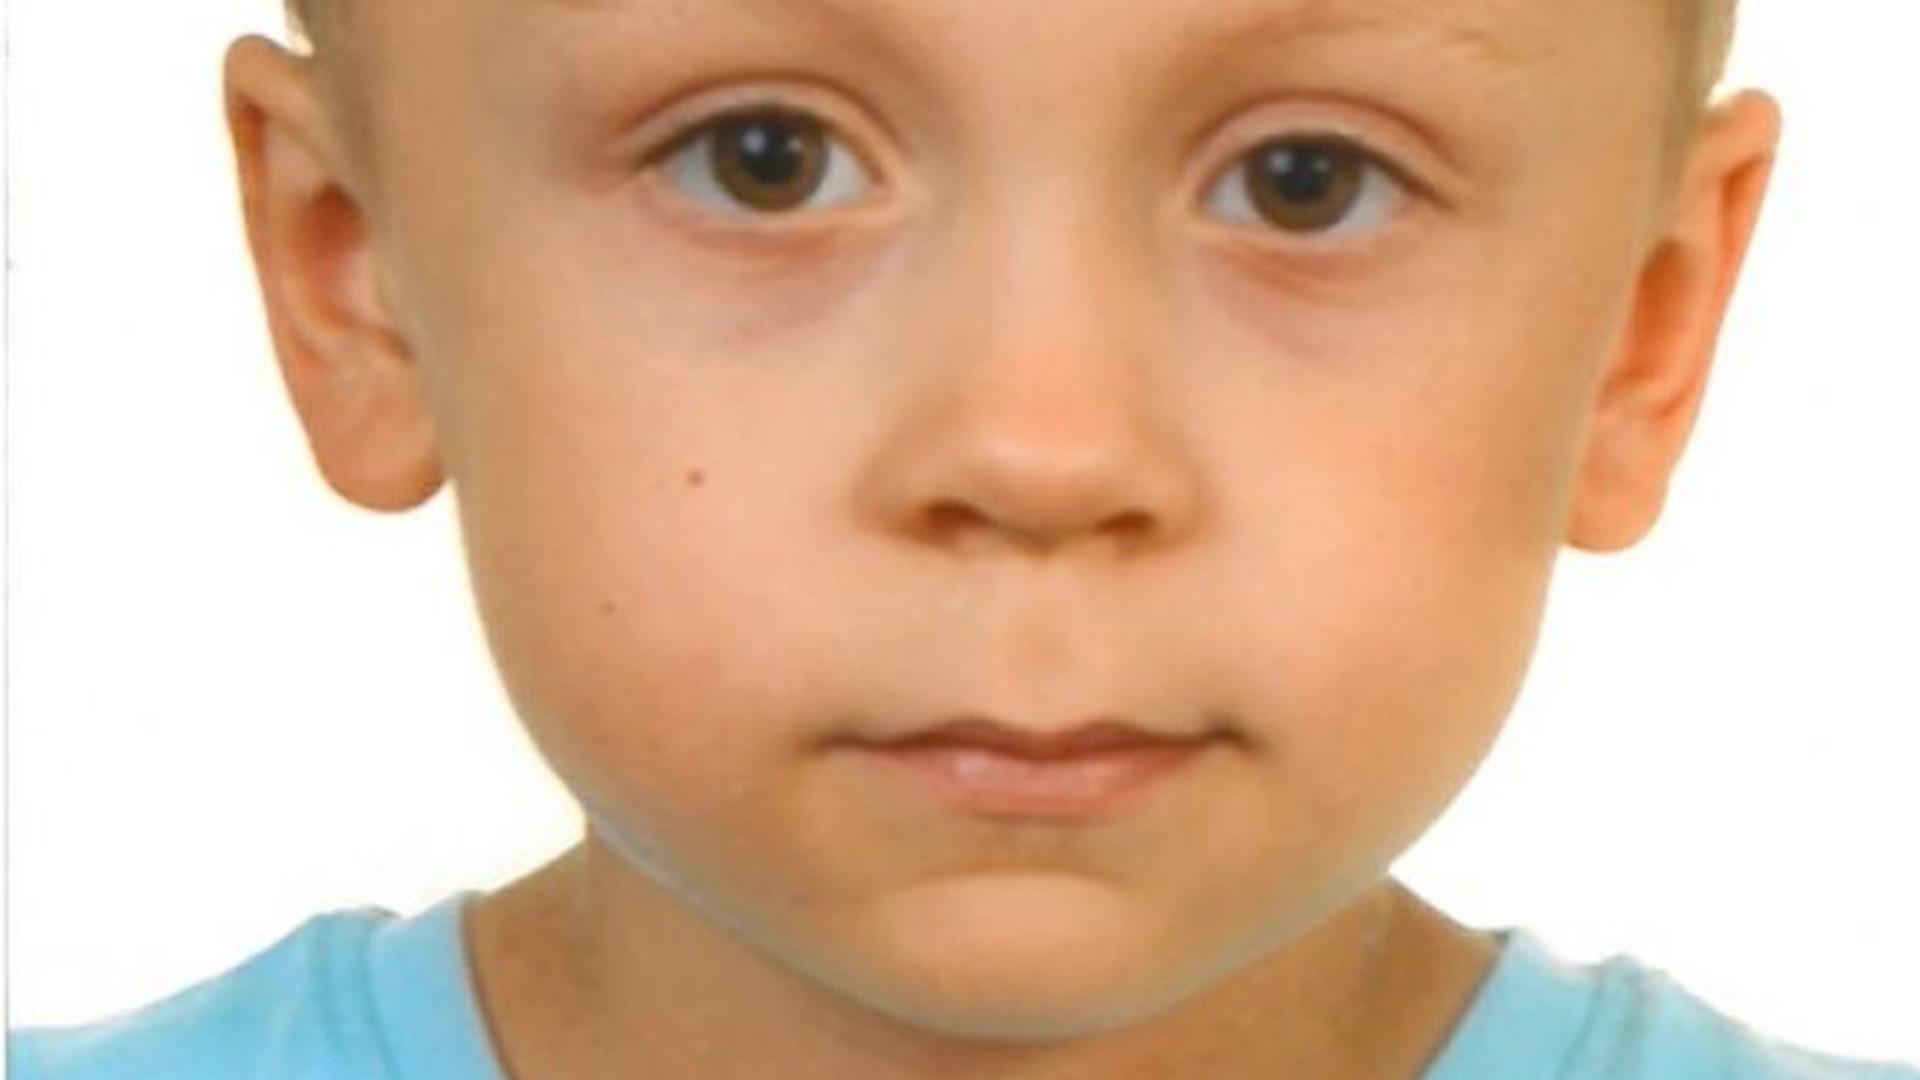 Trwają poszukiwania 5-letniego Dawida. Wyszła na jaw treść dramatycznego SMS-a, jaki wysłał jego ojciec do żony